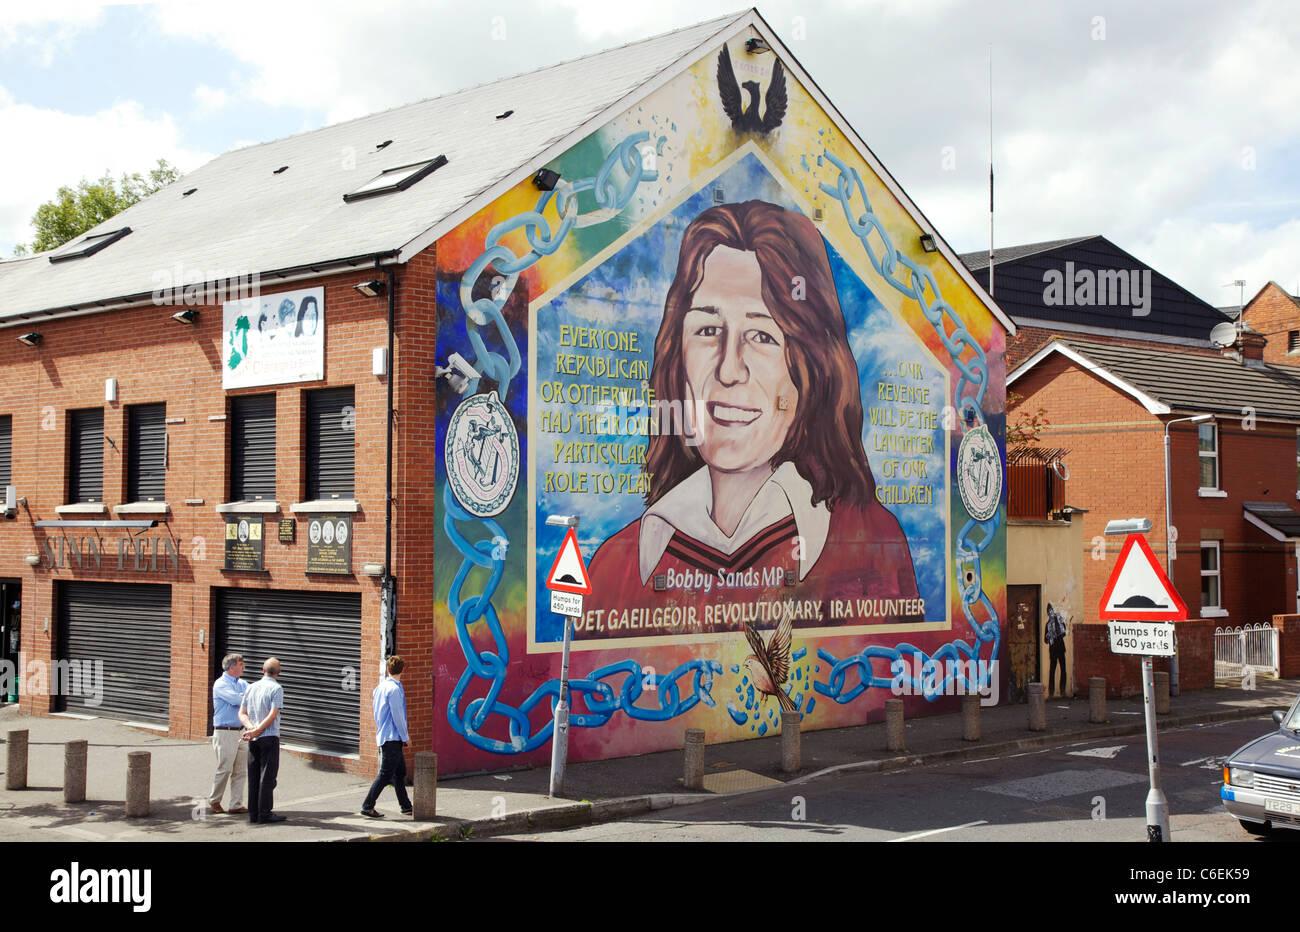 Bobby Sands mural on side of Sinn Féin office in Falls Road, Belfast - Stock Image